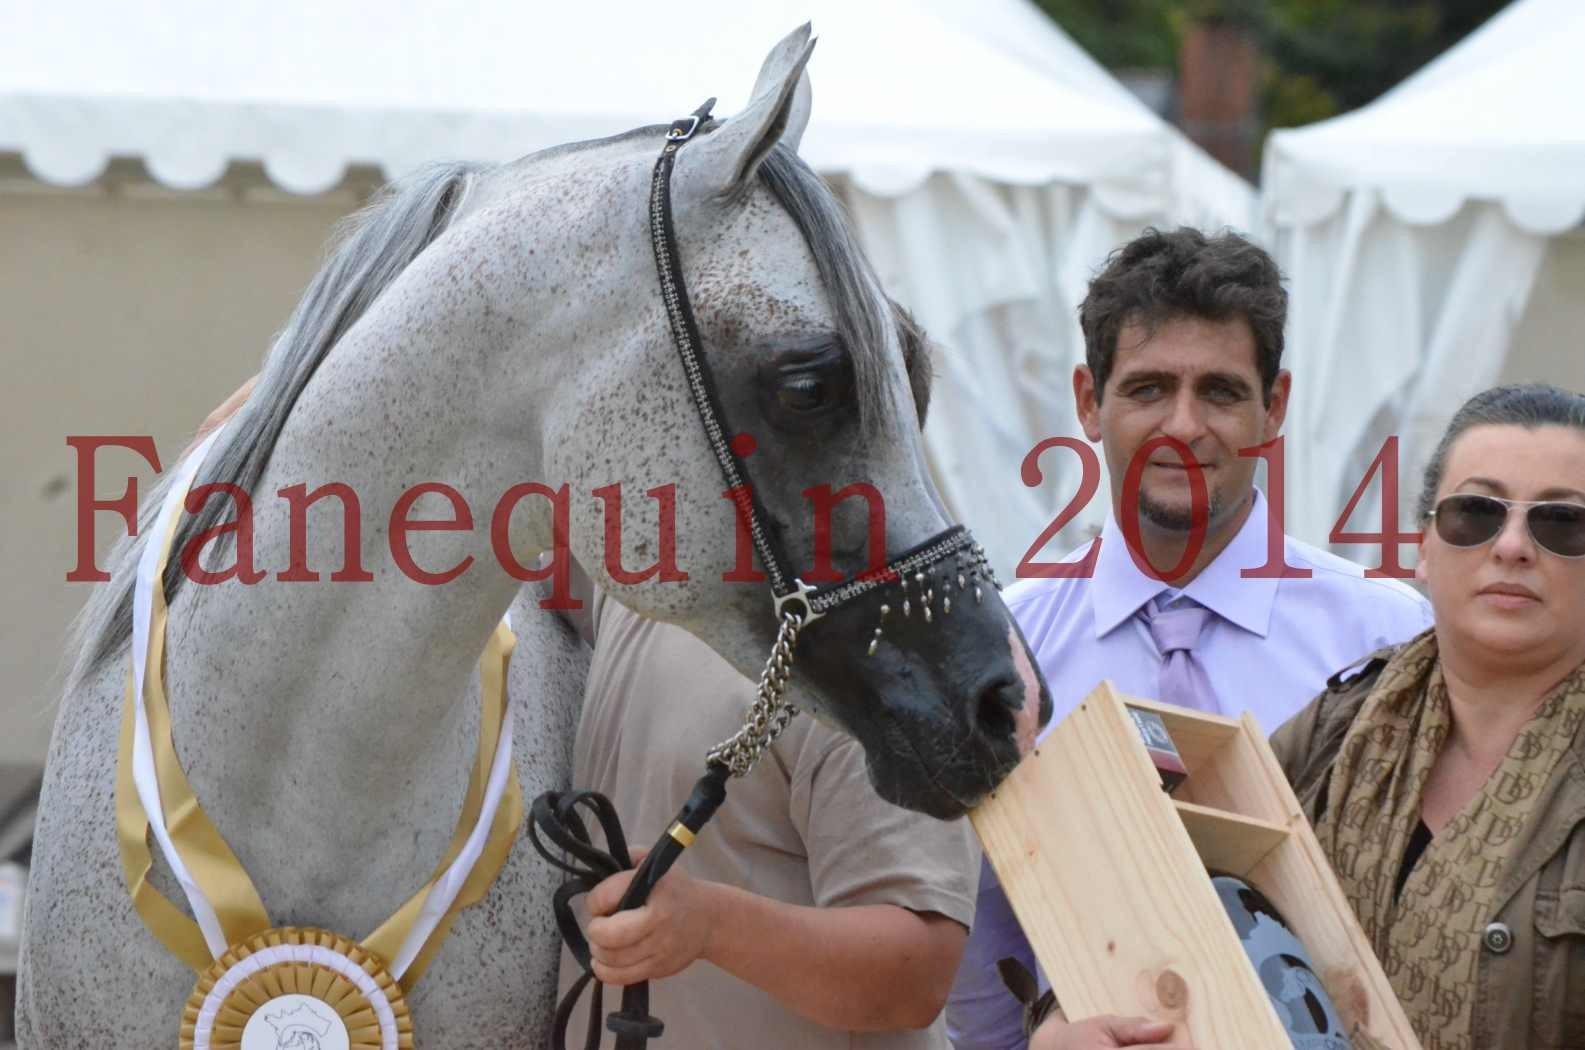 CHAMPIONNAT DE FRANCE  2014 A POMPADOUR - Championnat - SHEYK DE GARGASSAN - 30